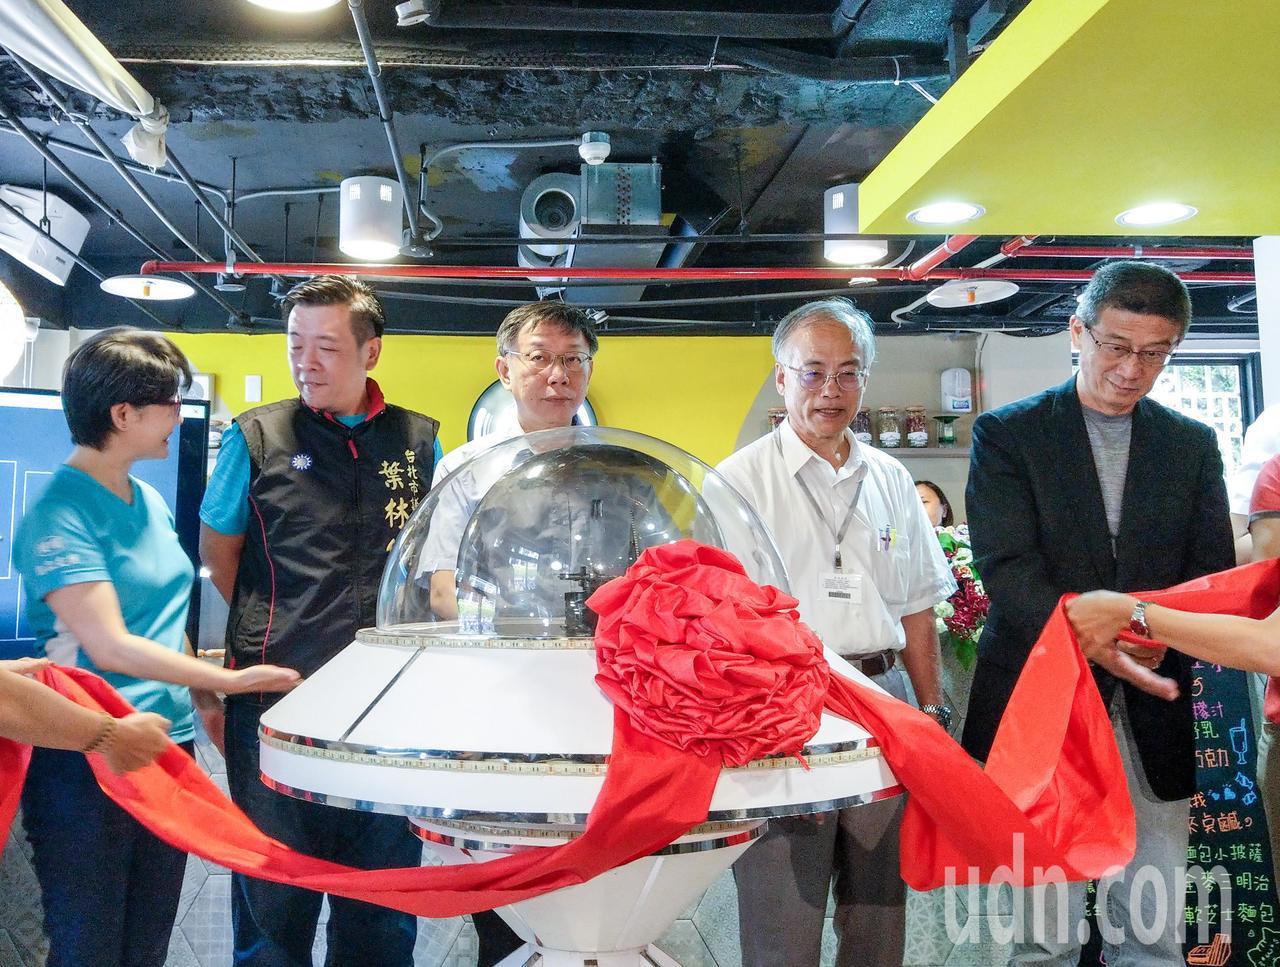 「復華智慧老人中心」上午開幕,這是台北市第一處智慧型老人照護中心,將結合科技來照...